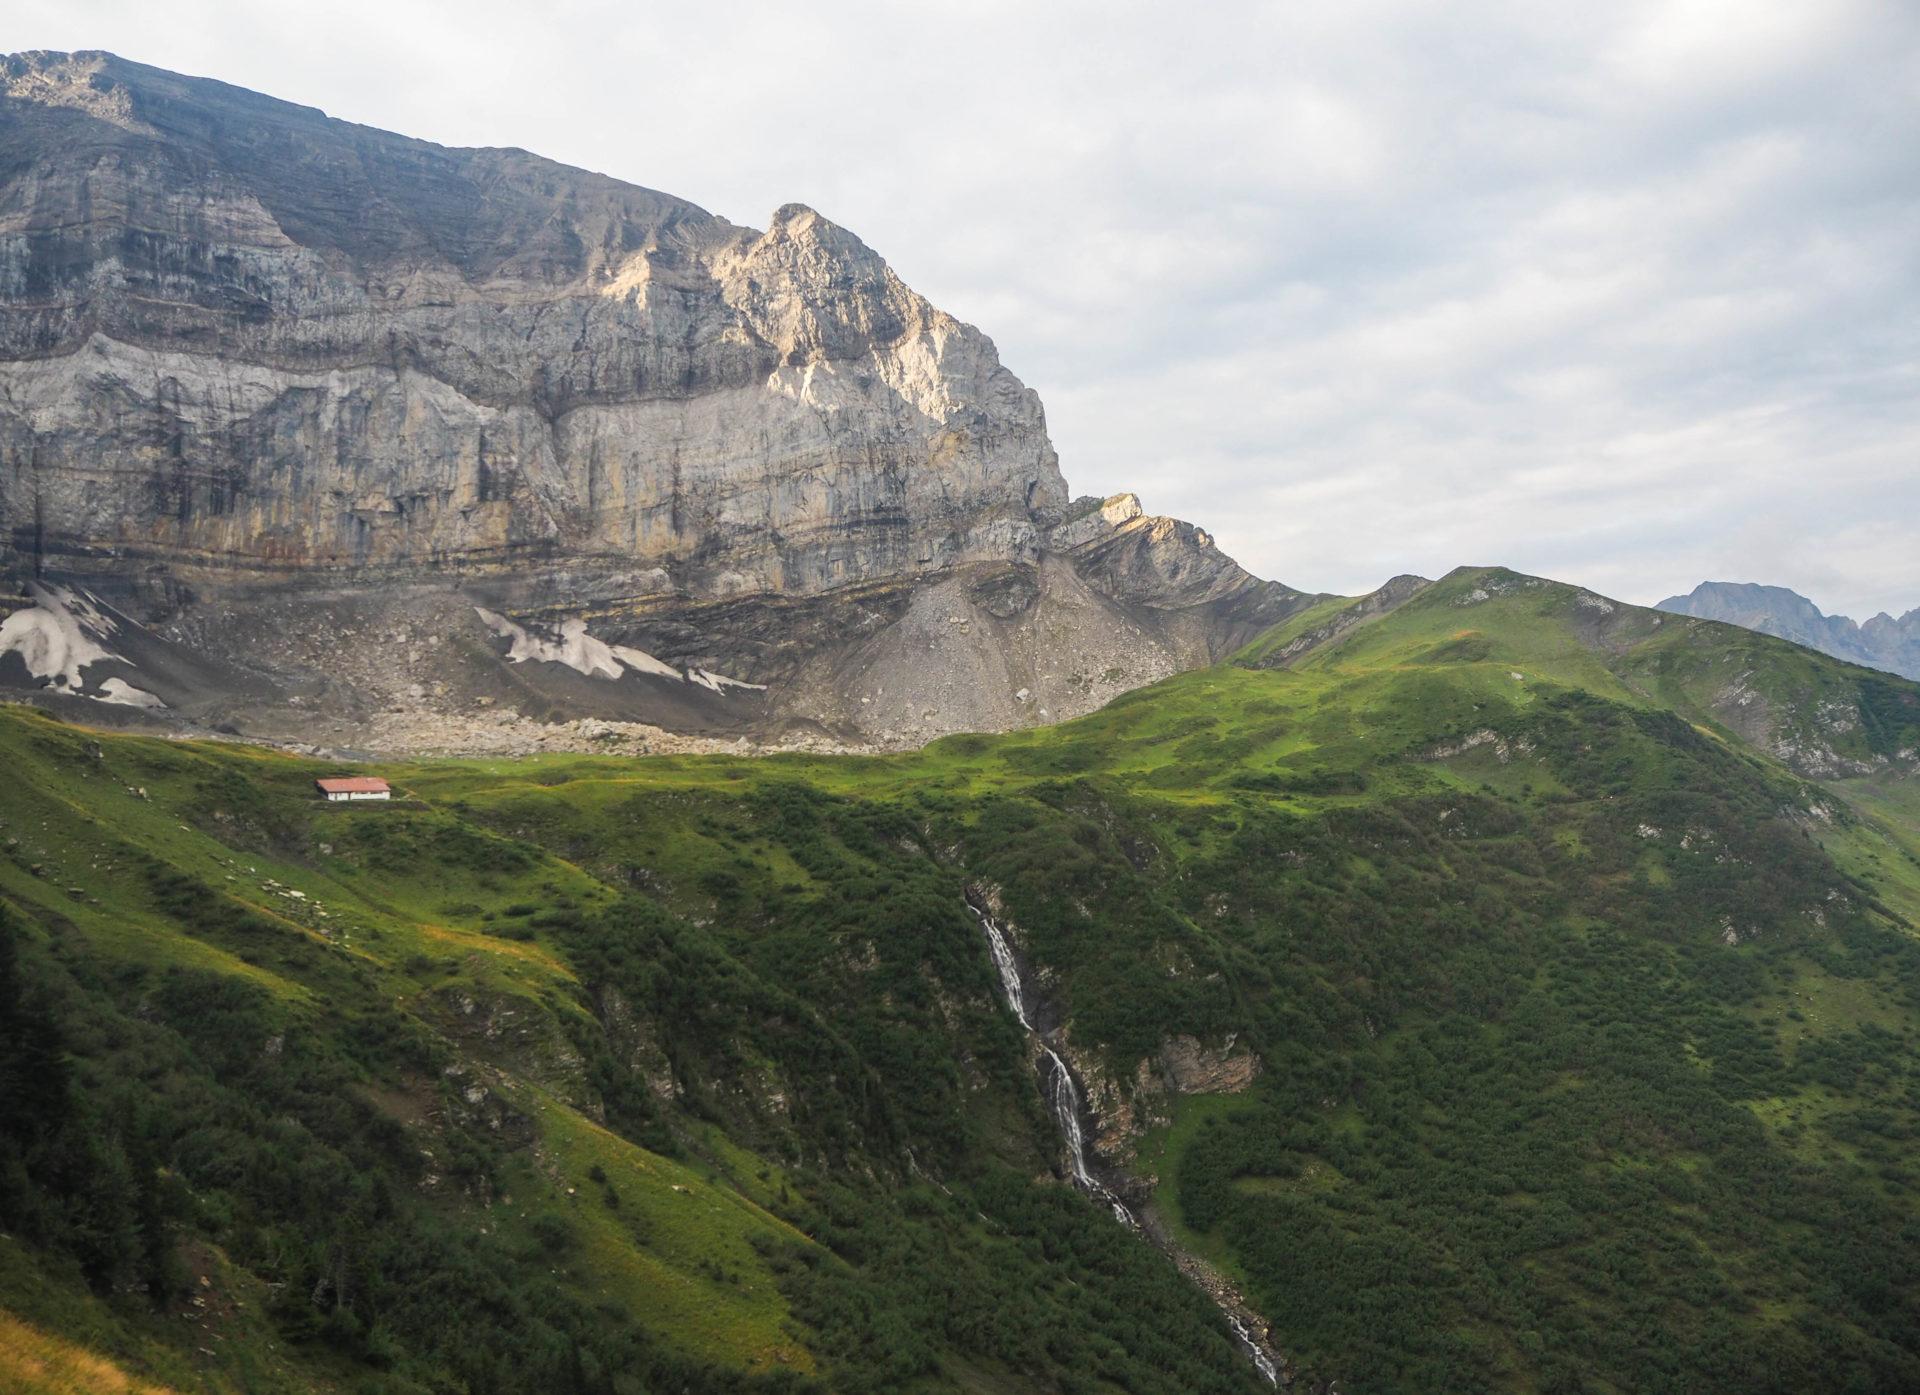 La Cabane d'Anthème sur le Tour des Dents du Midi - Faire le Tour des Dents du Midi en 6 jours en solo et en mode slow - Une randonnée itinérante, un trek à découvrir en Suisse dans le Valais